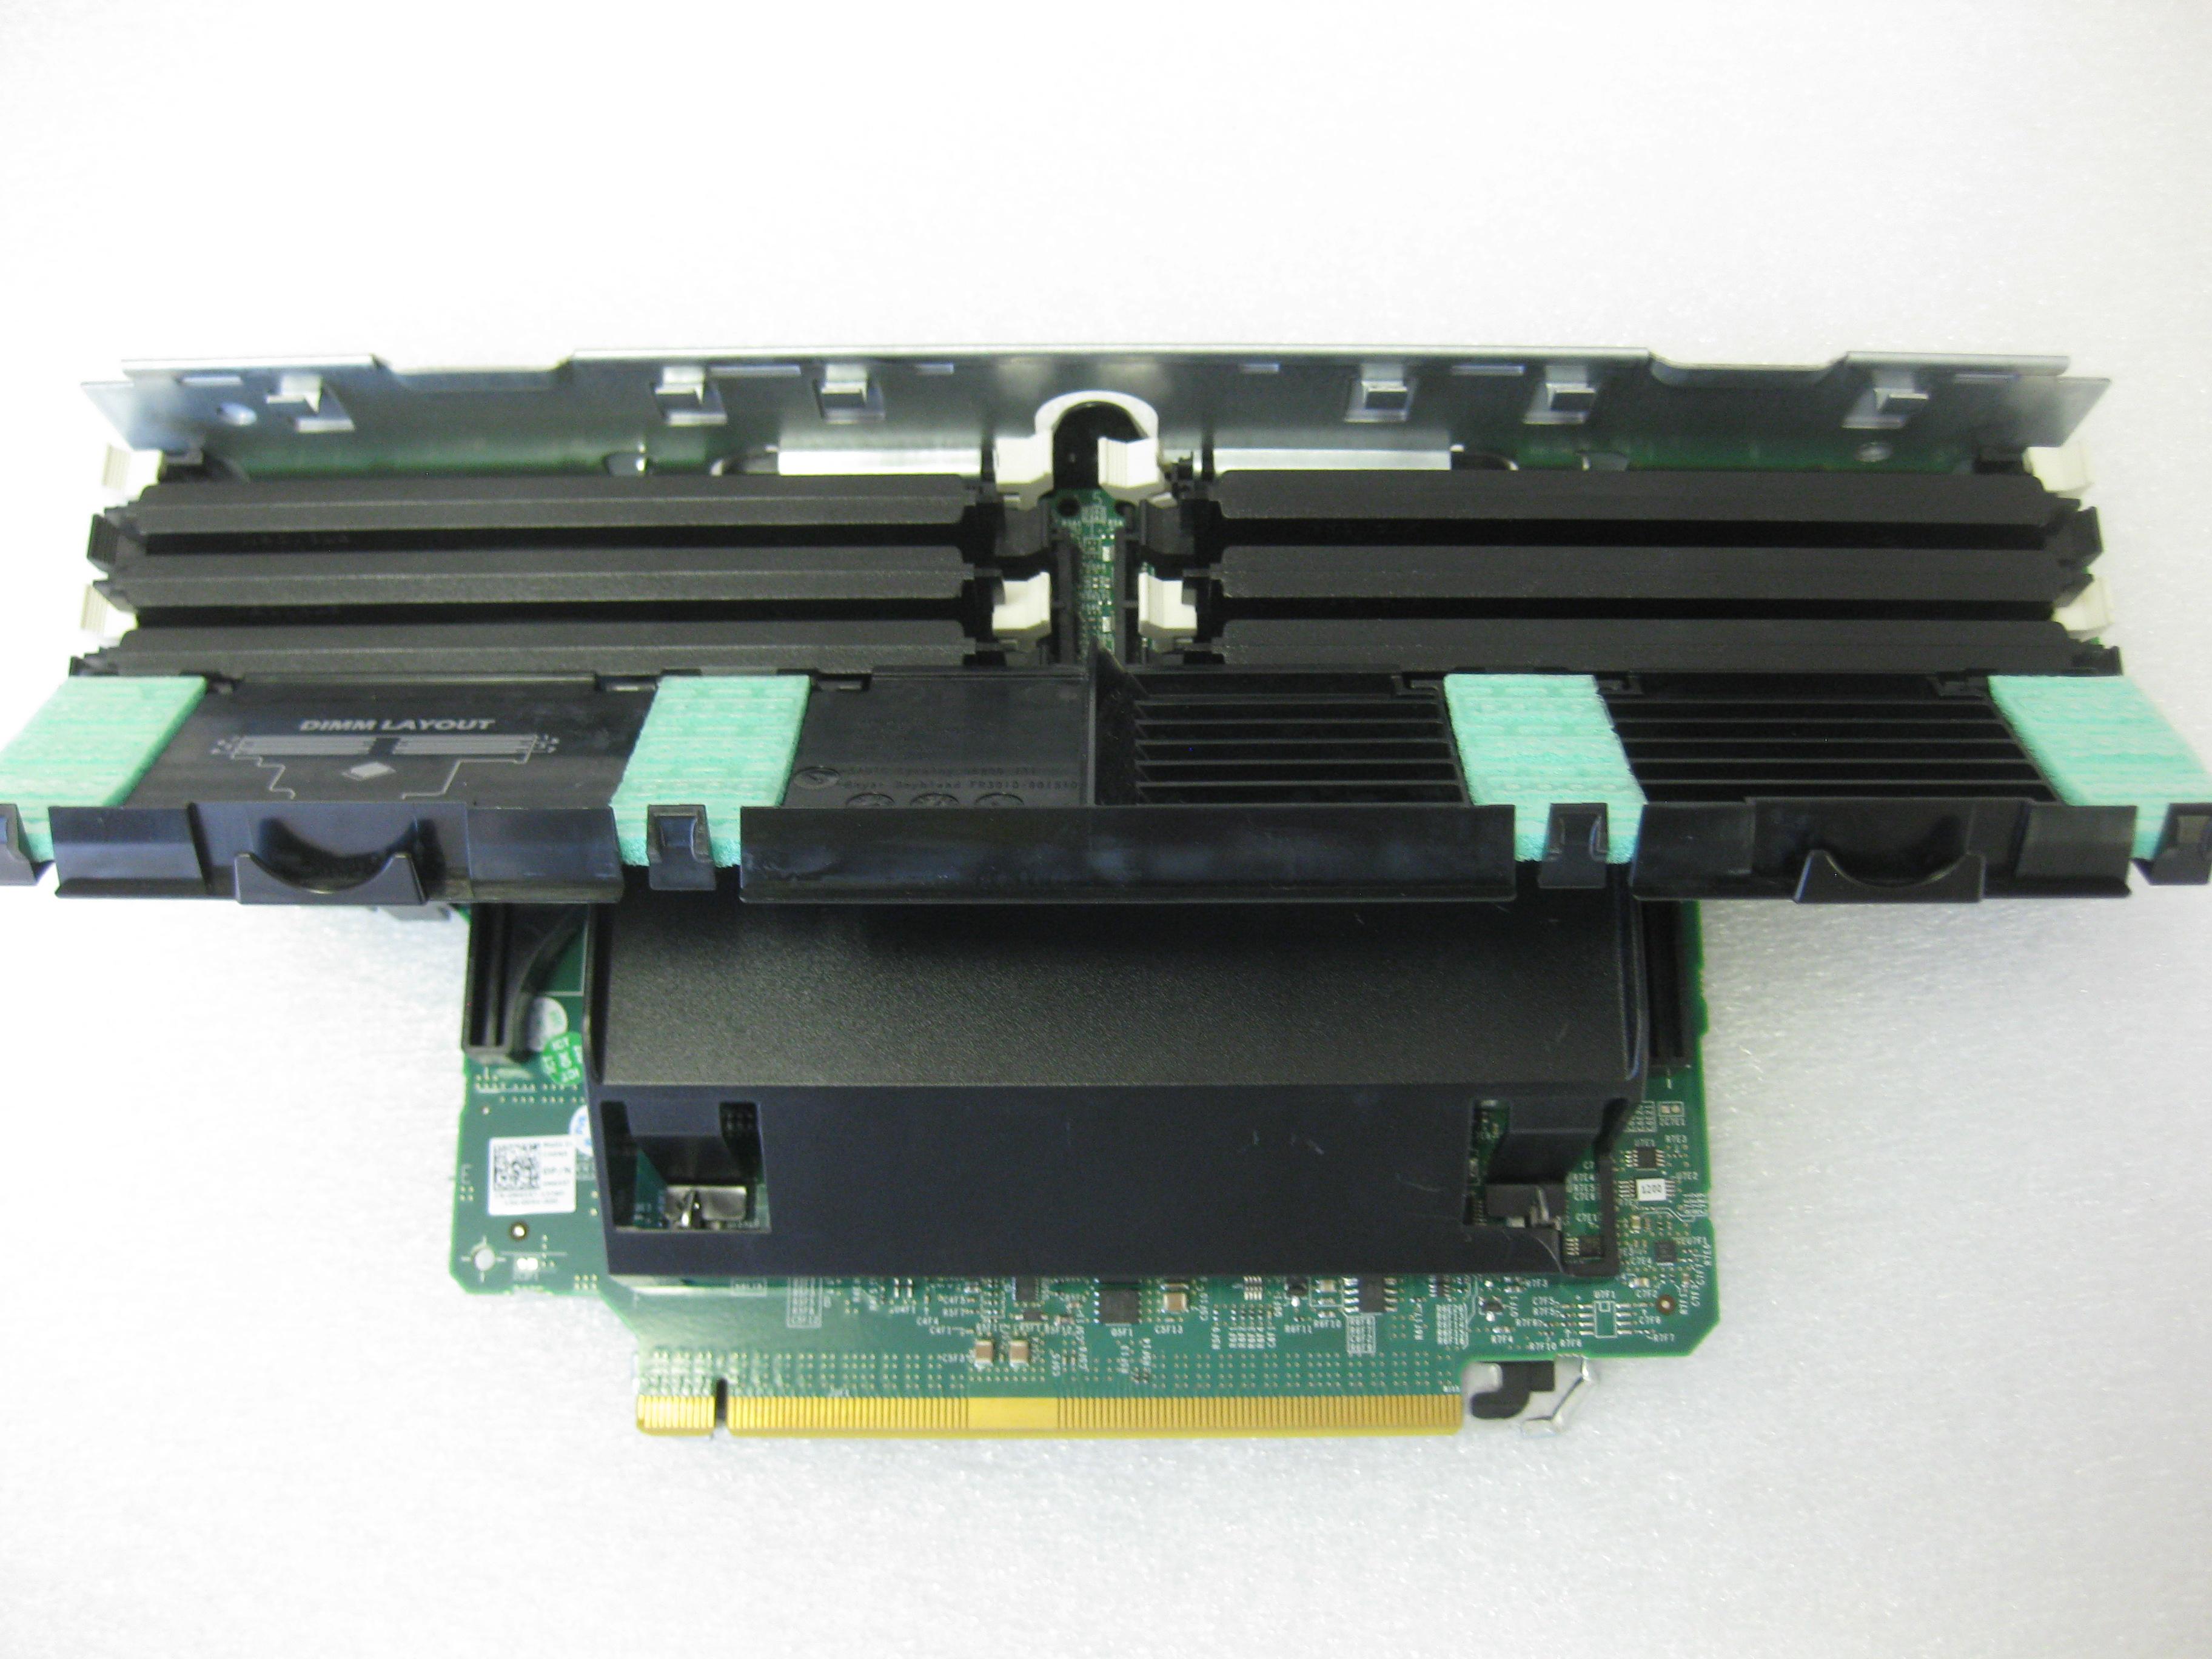 Dell r910 ram slots